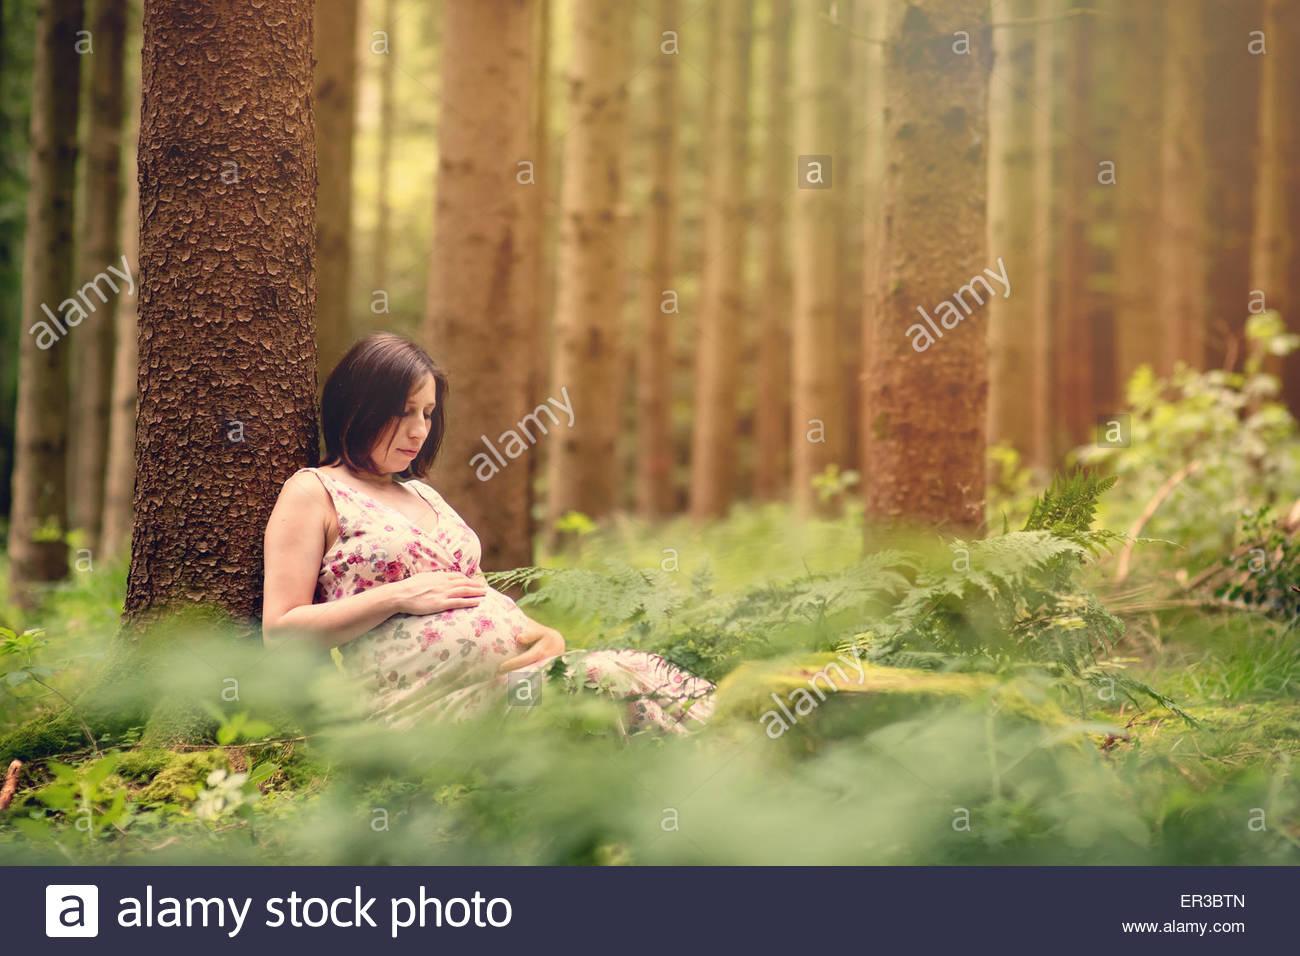 Femme enceinte, appuyé contre un arbre dans la forêt Photo Stock